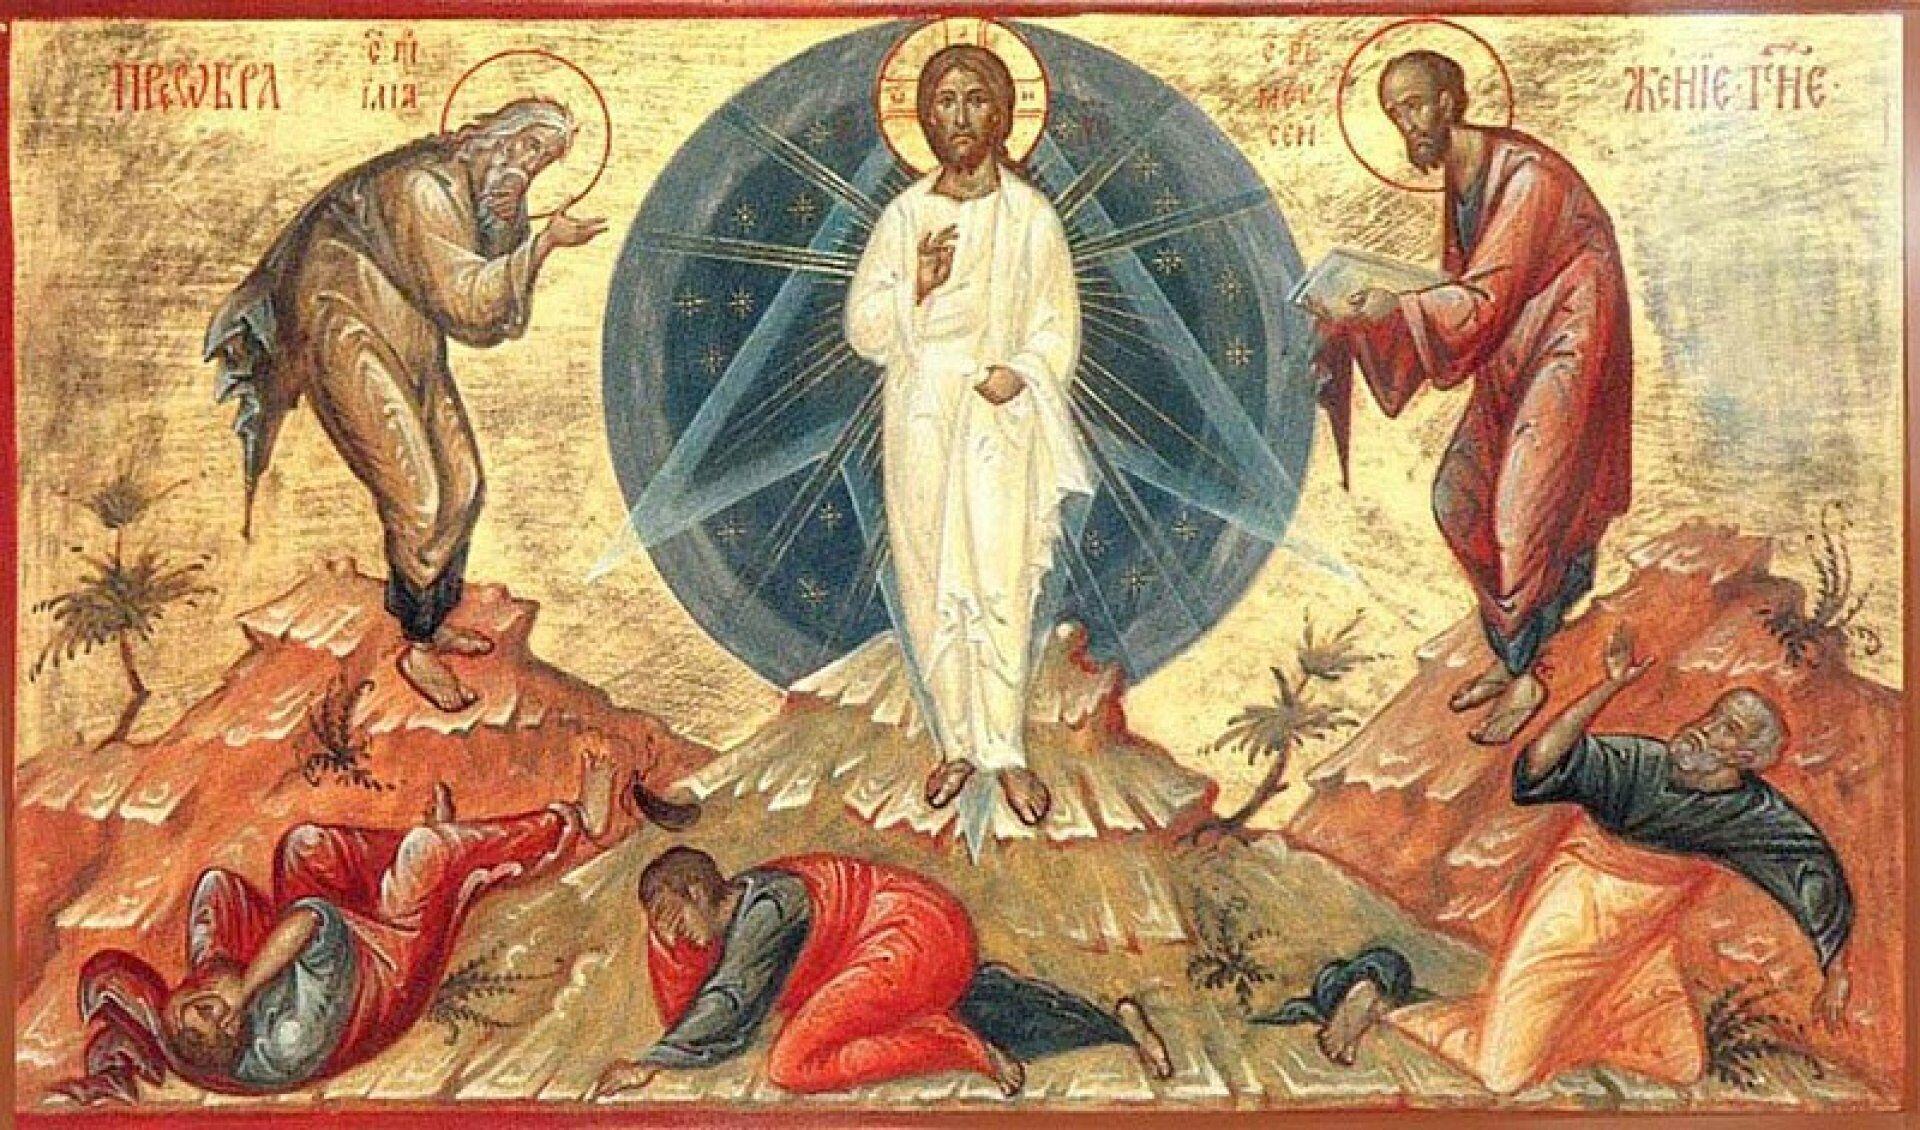 Преображення Господнє вважається третім святом після Різдва та Великодня